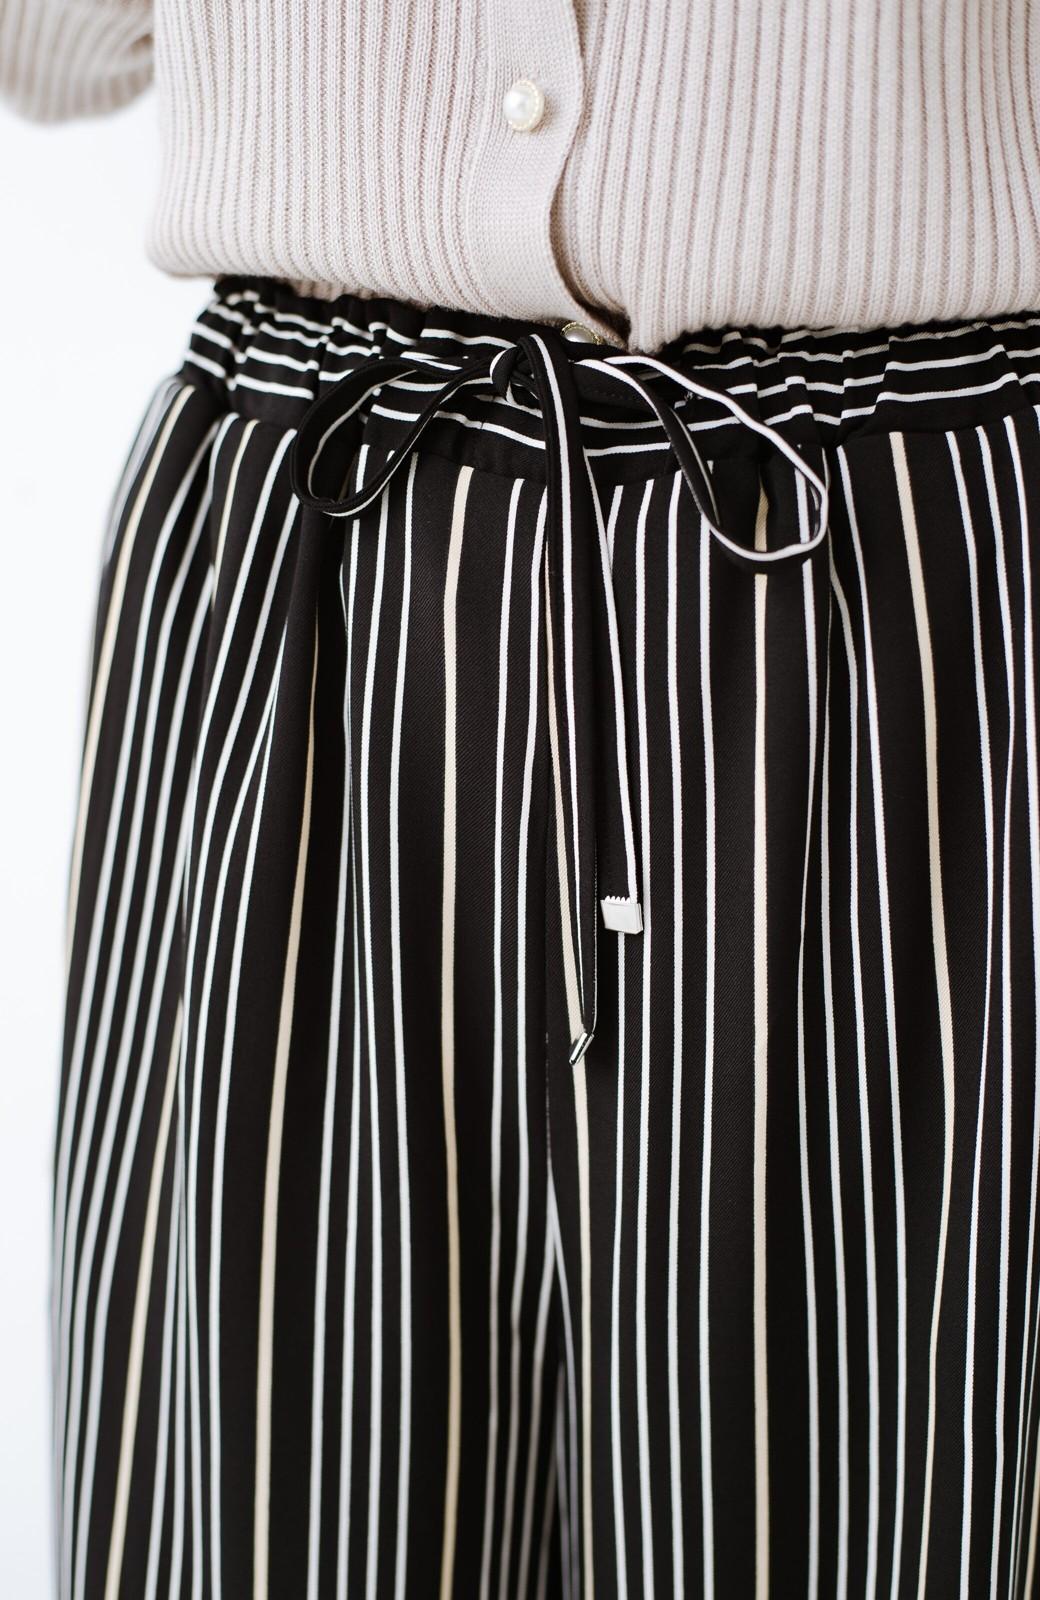 haco! パッとはくだけで着映えはもちろん 重ね着にも便利なストライプワイドパンツ <ブラック系その他>の商品写真8